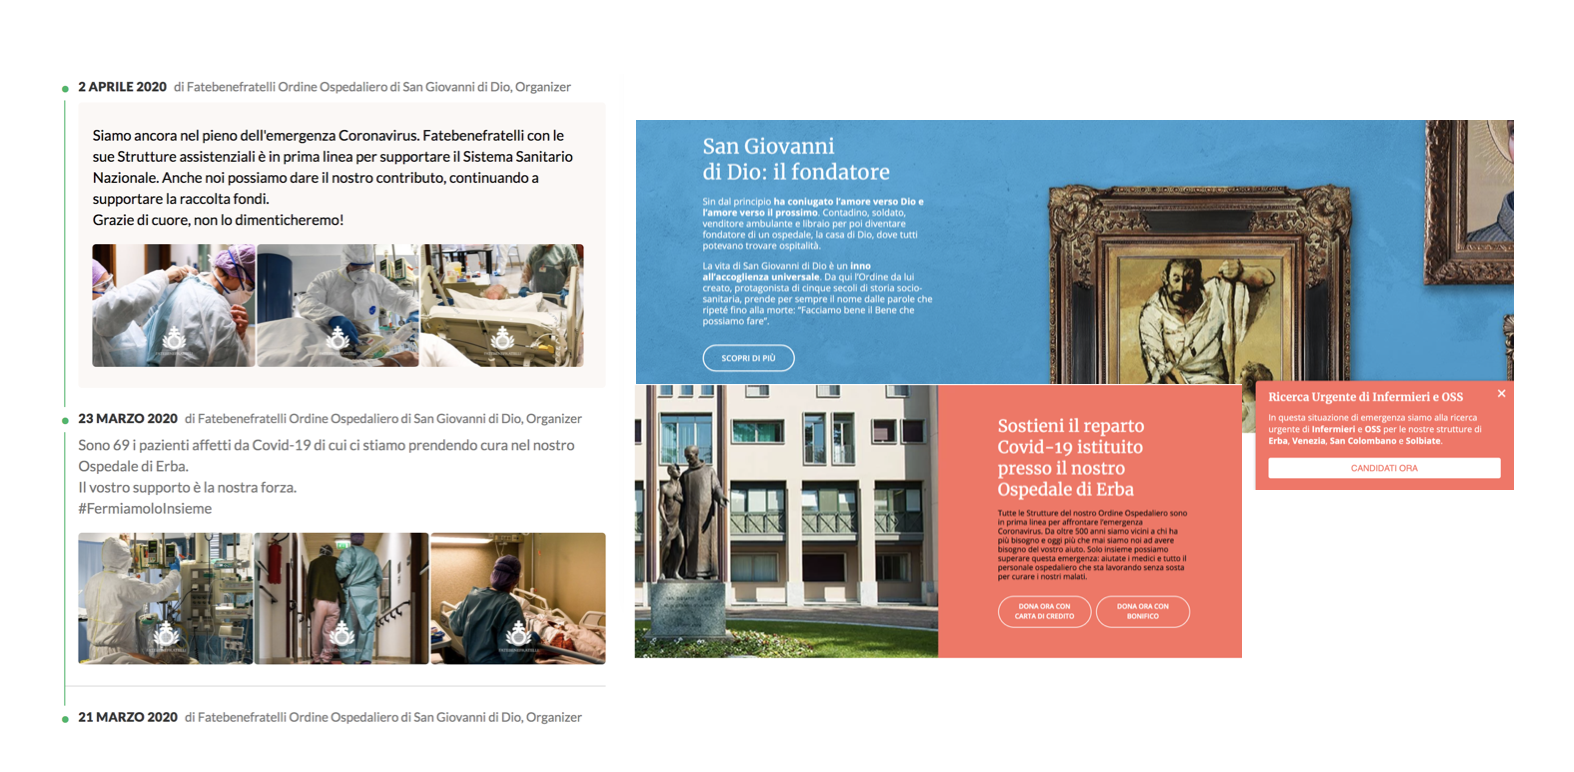 Digital Dictionary ha creato l'attività di fundraising per Fatebenefratelli